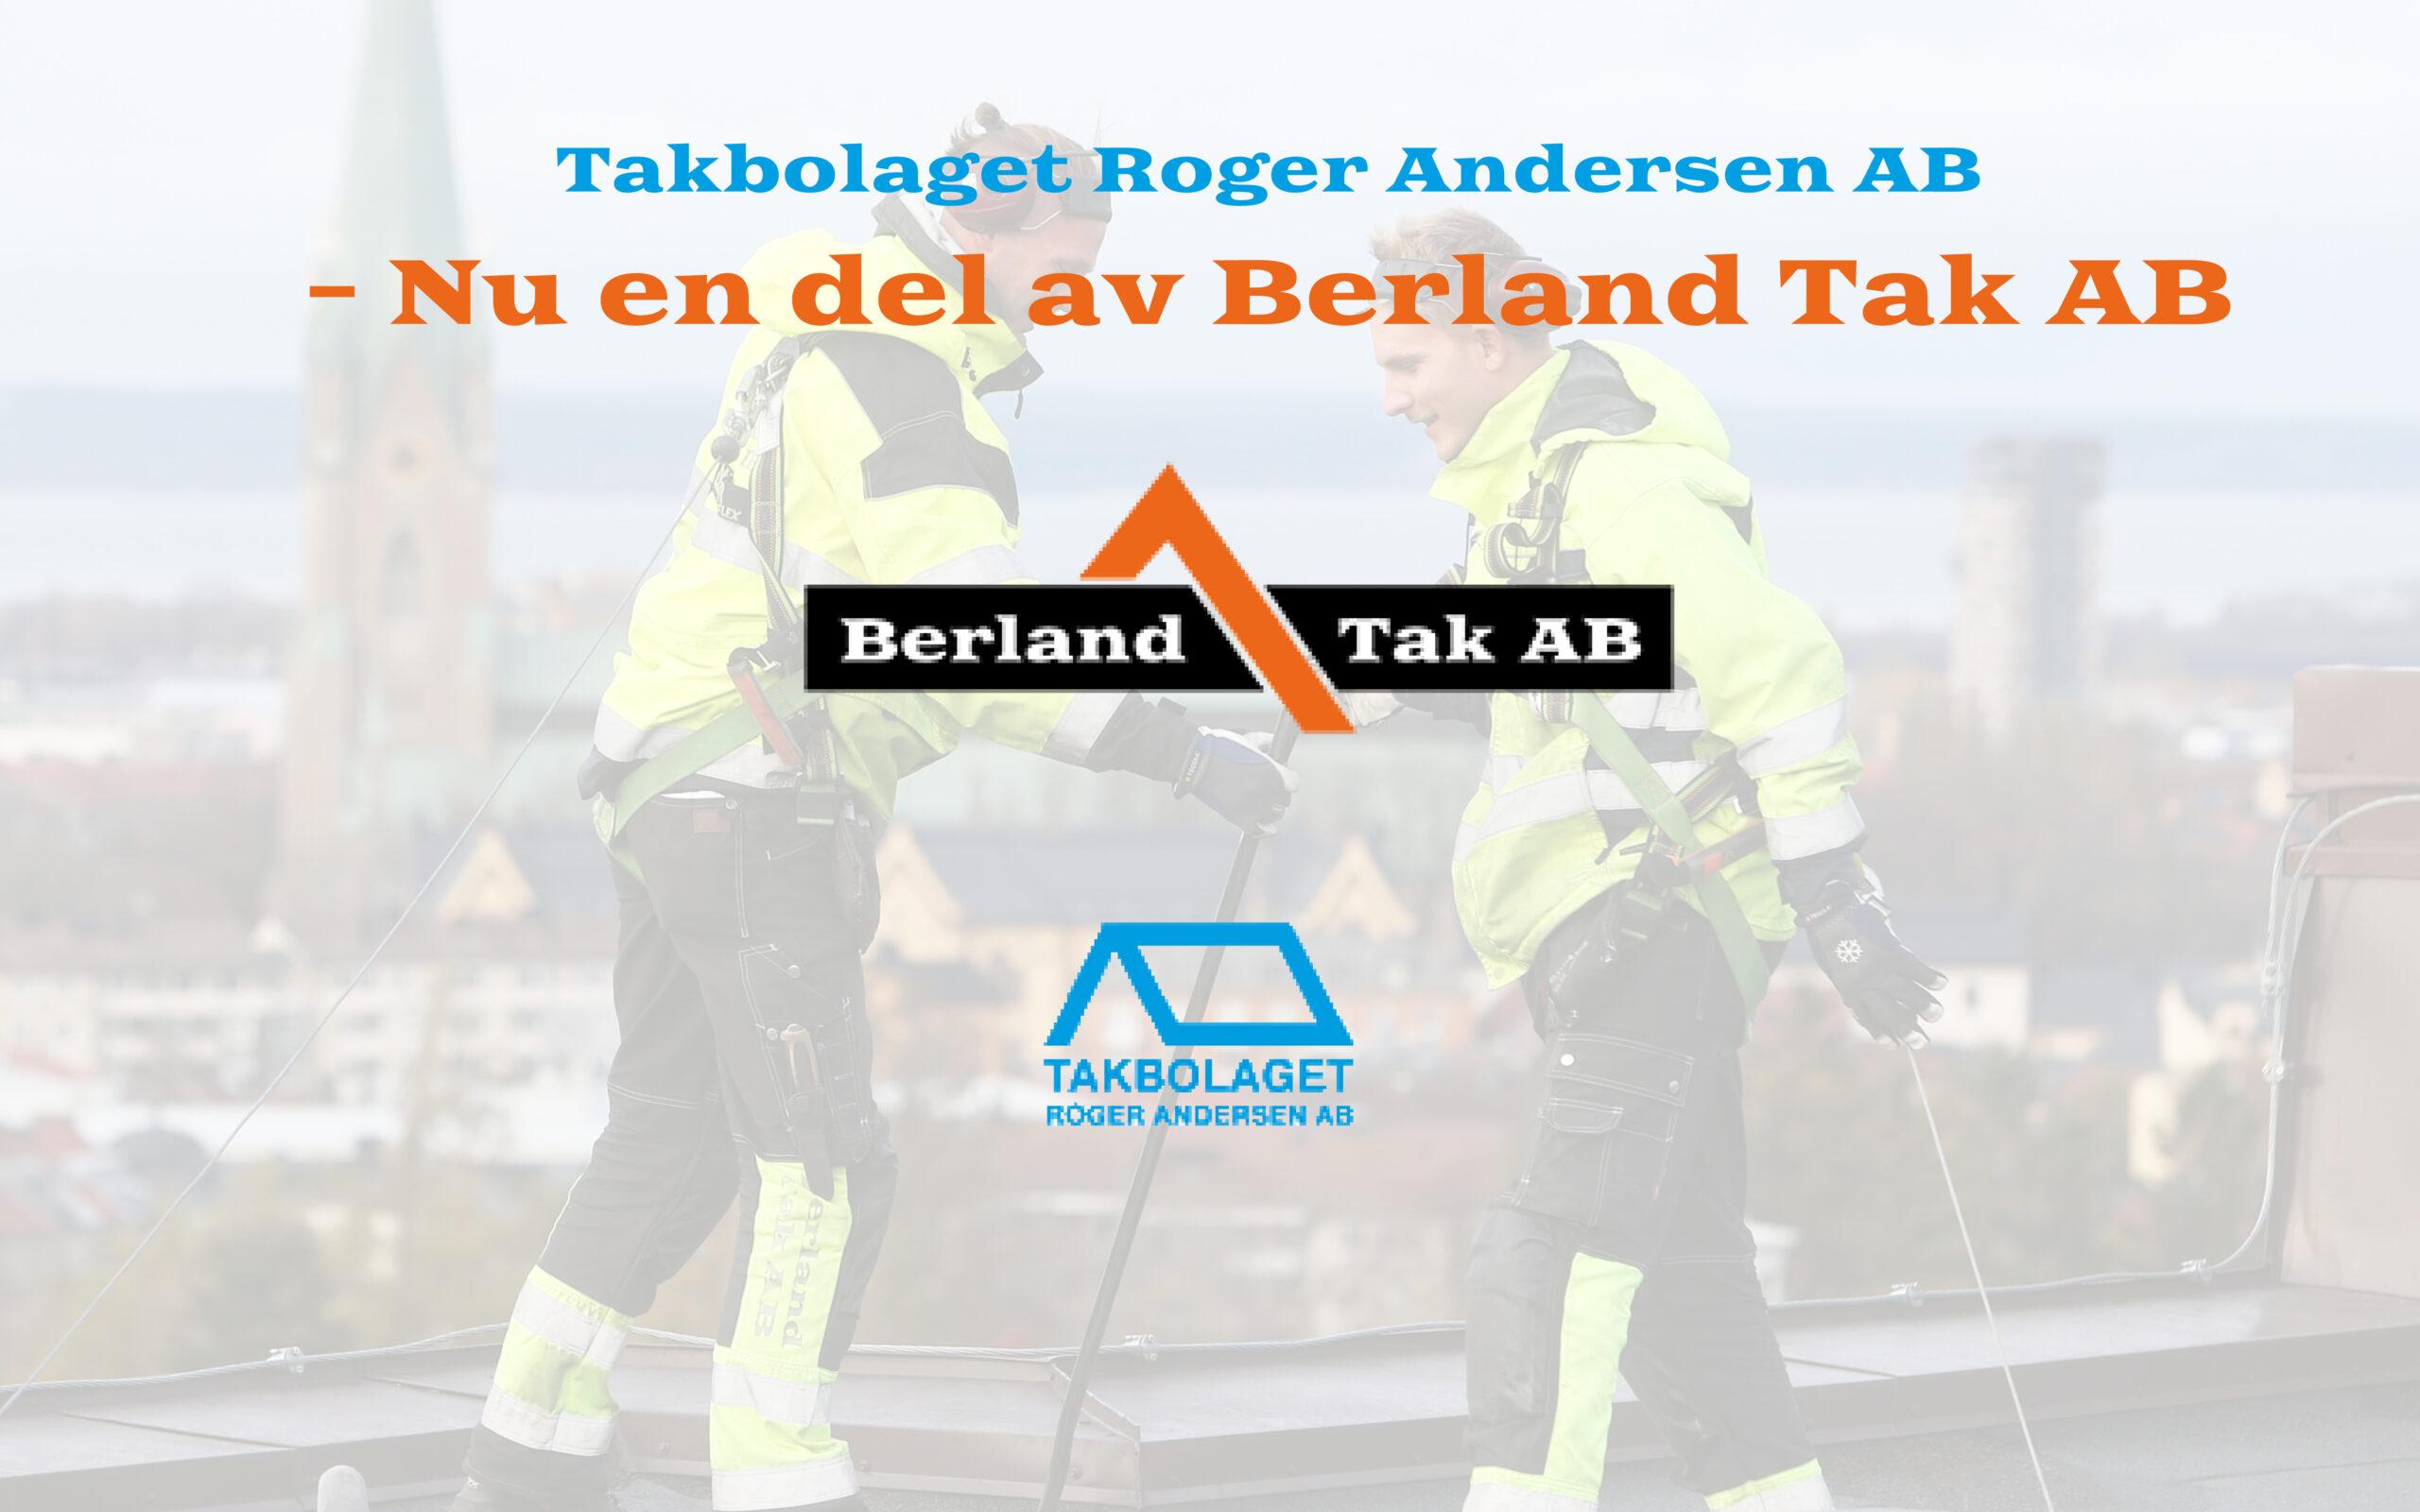 Berland Tak förvärvar Takbolaget Roger Andersen AB.